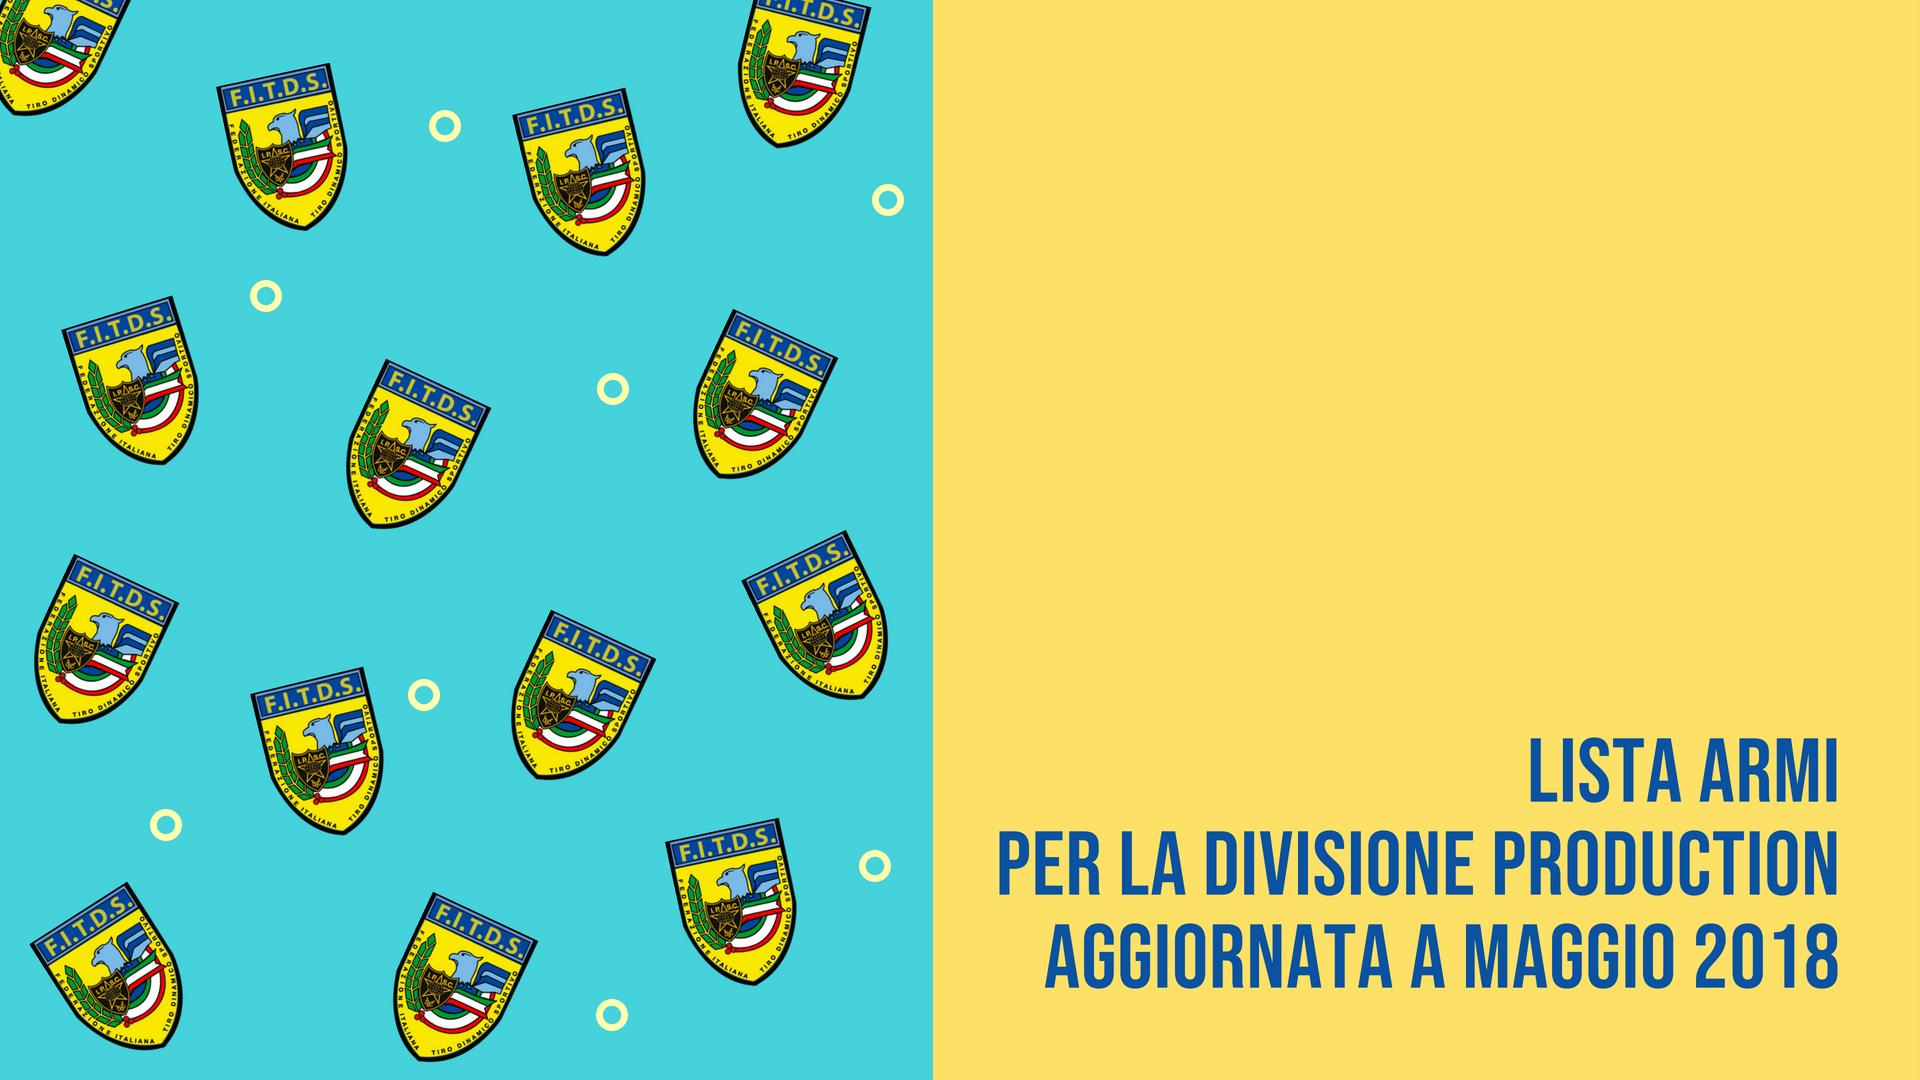 Regional Director | Lista Armi Divisione Production | Maggio2018